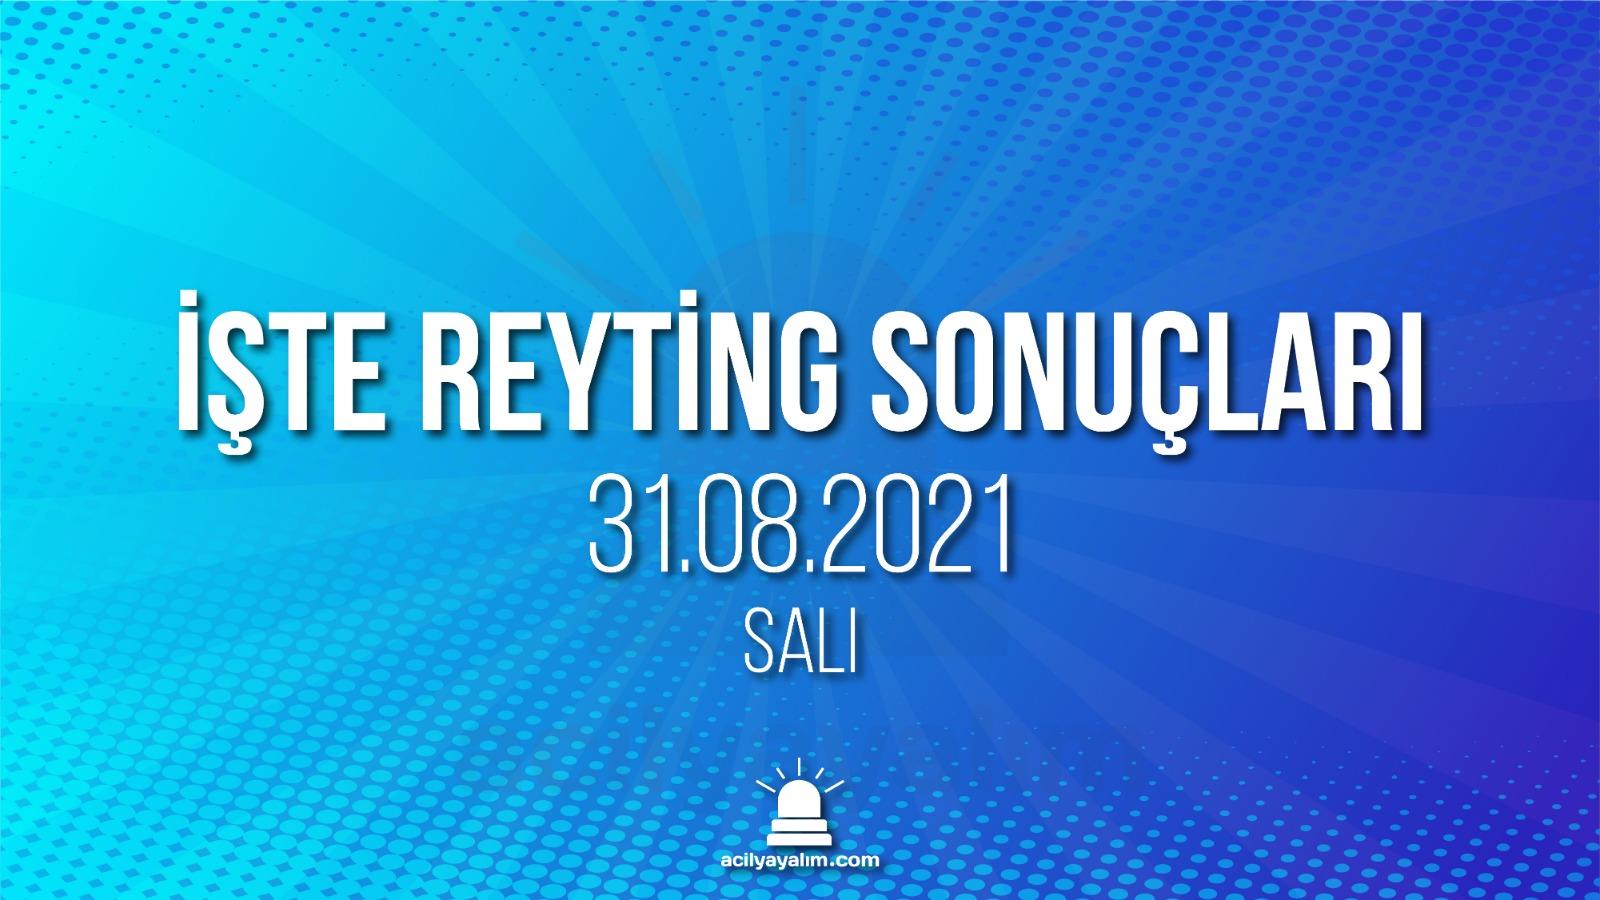 31 Ağustos 2021 Salı reyting sonuçları